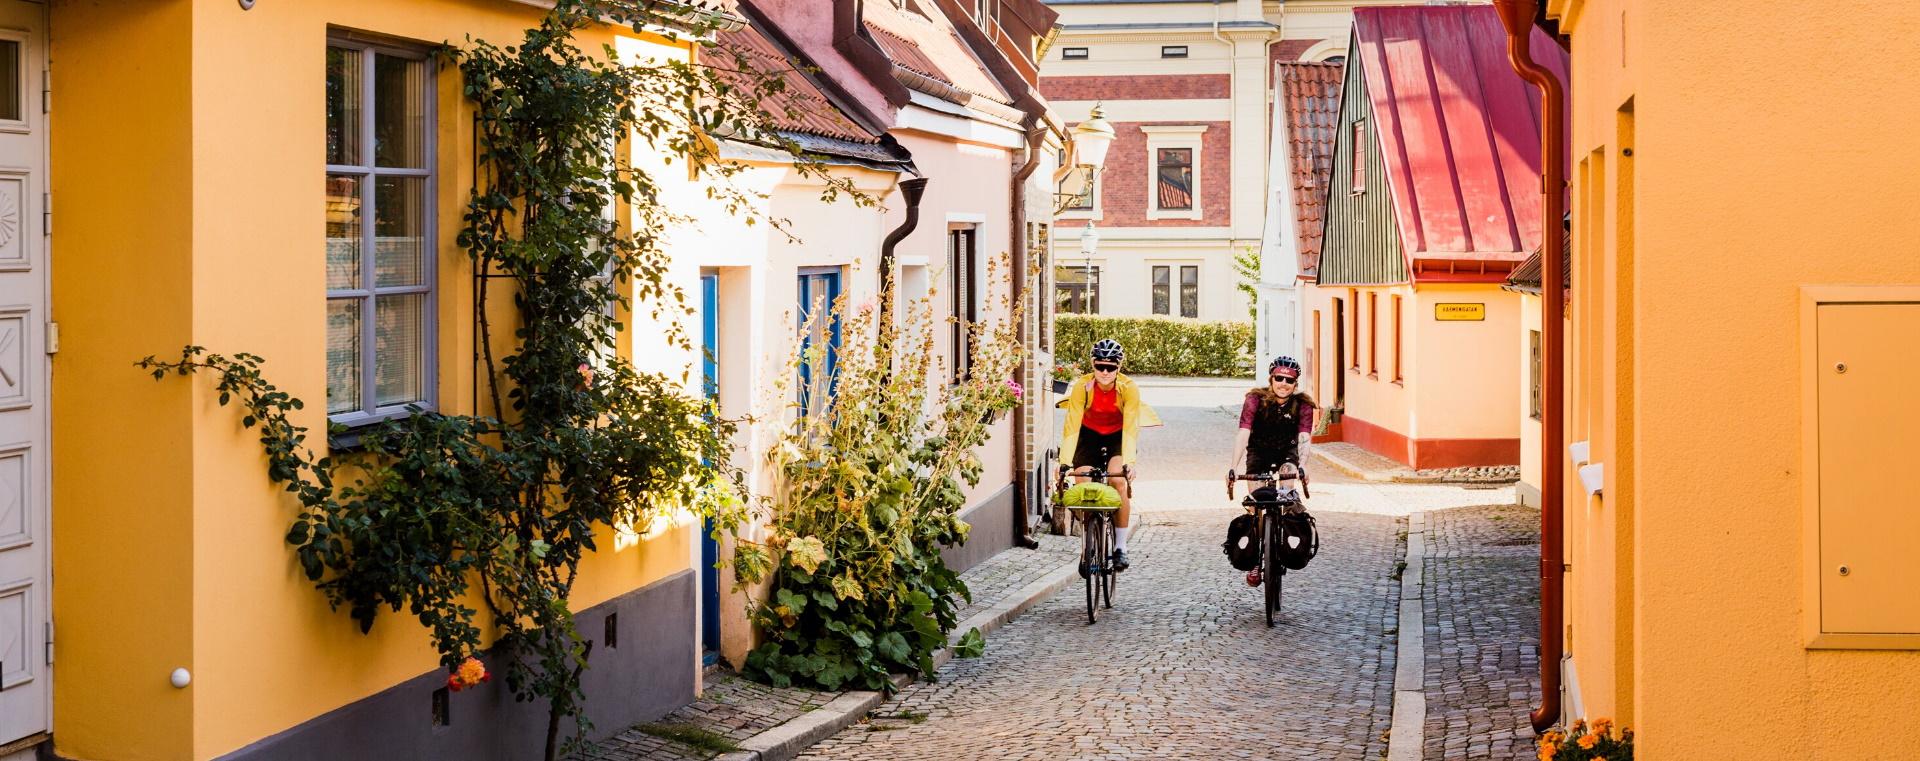 Cykla Sydkustleden_Ystad_foto Apelöga